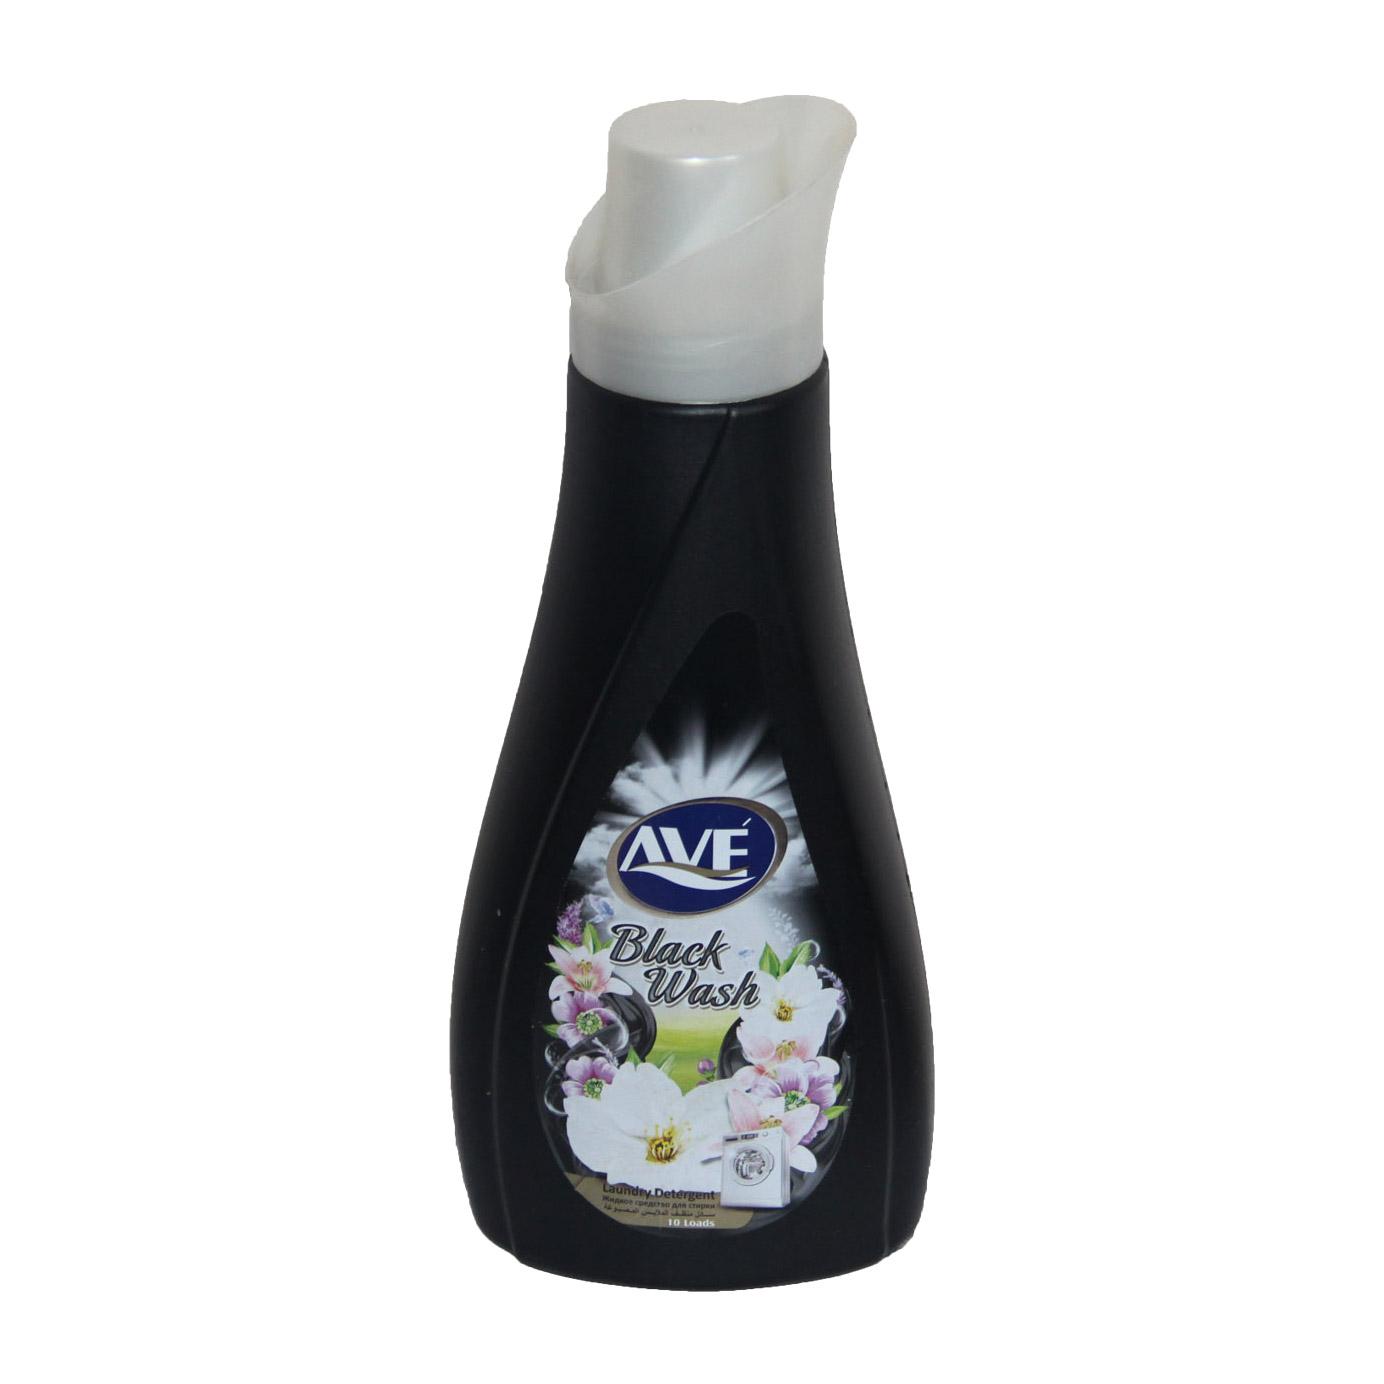 Жидкое средство для стирки AVE Black Wash для темных и черных вещей 1 л недорого